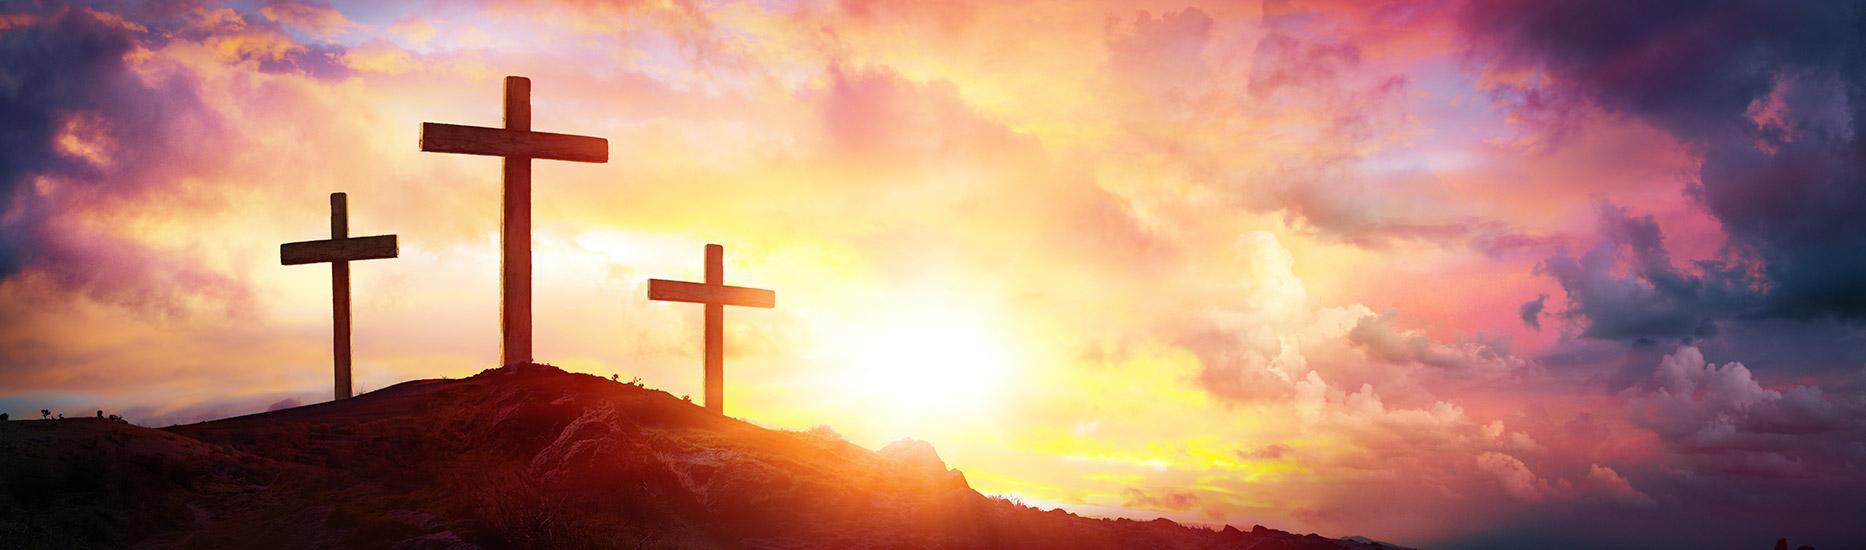 Stirbt das Christentum?